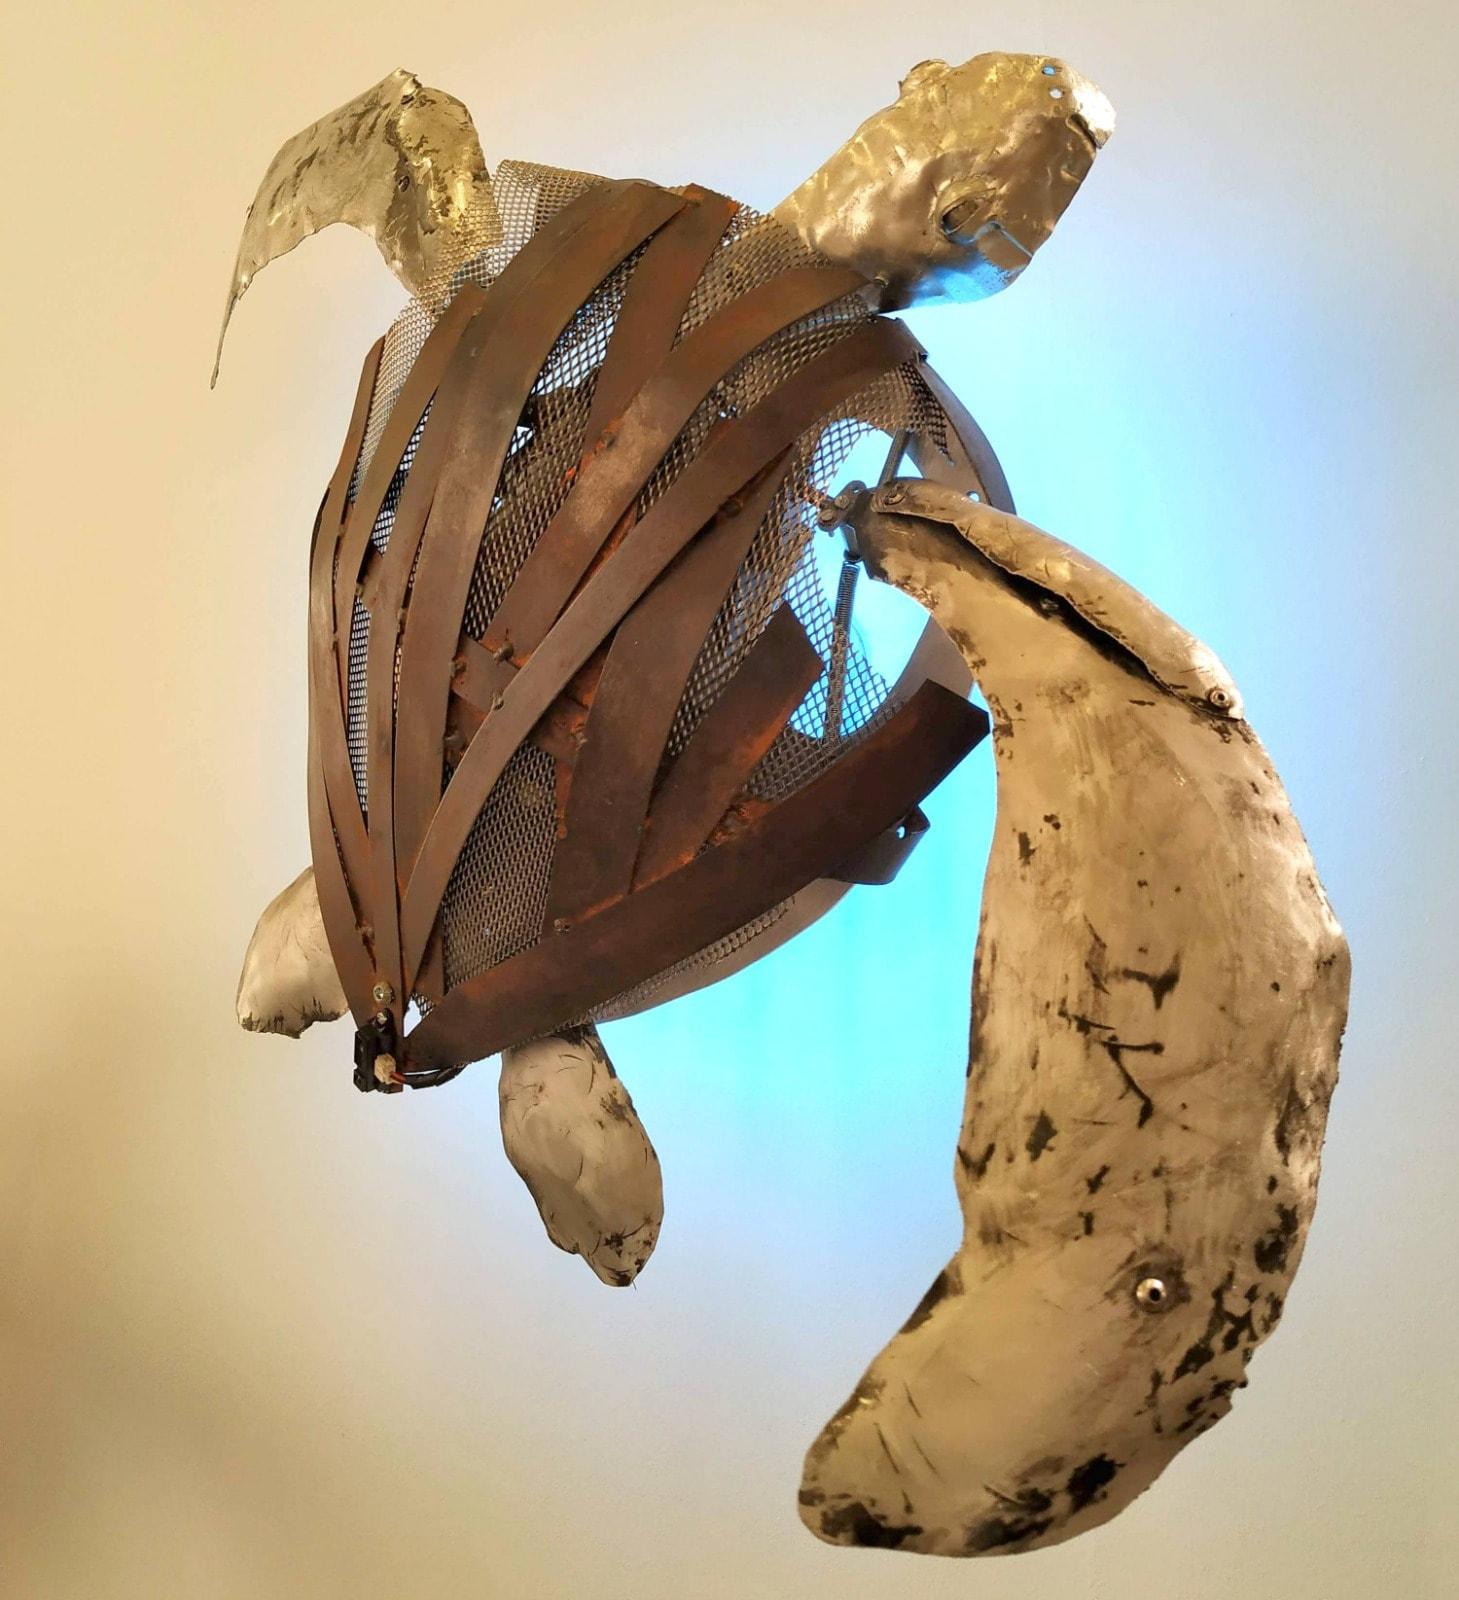 Tortuga - Raul Beteta - N2 Galeria